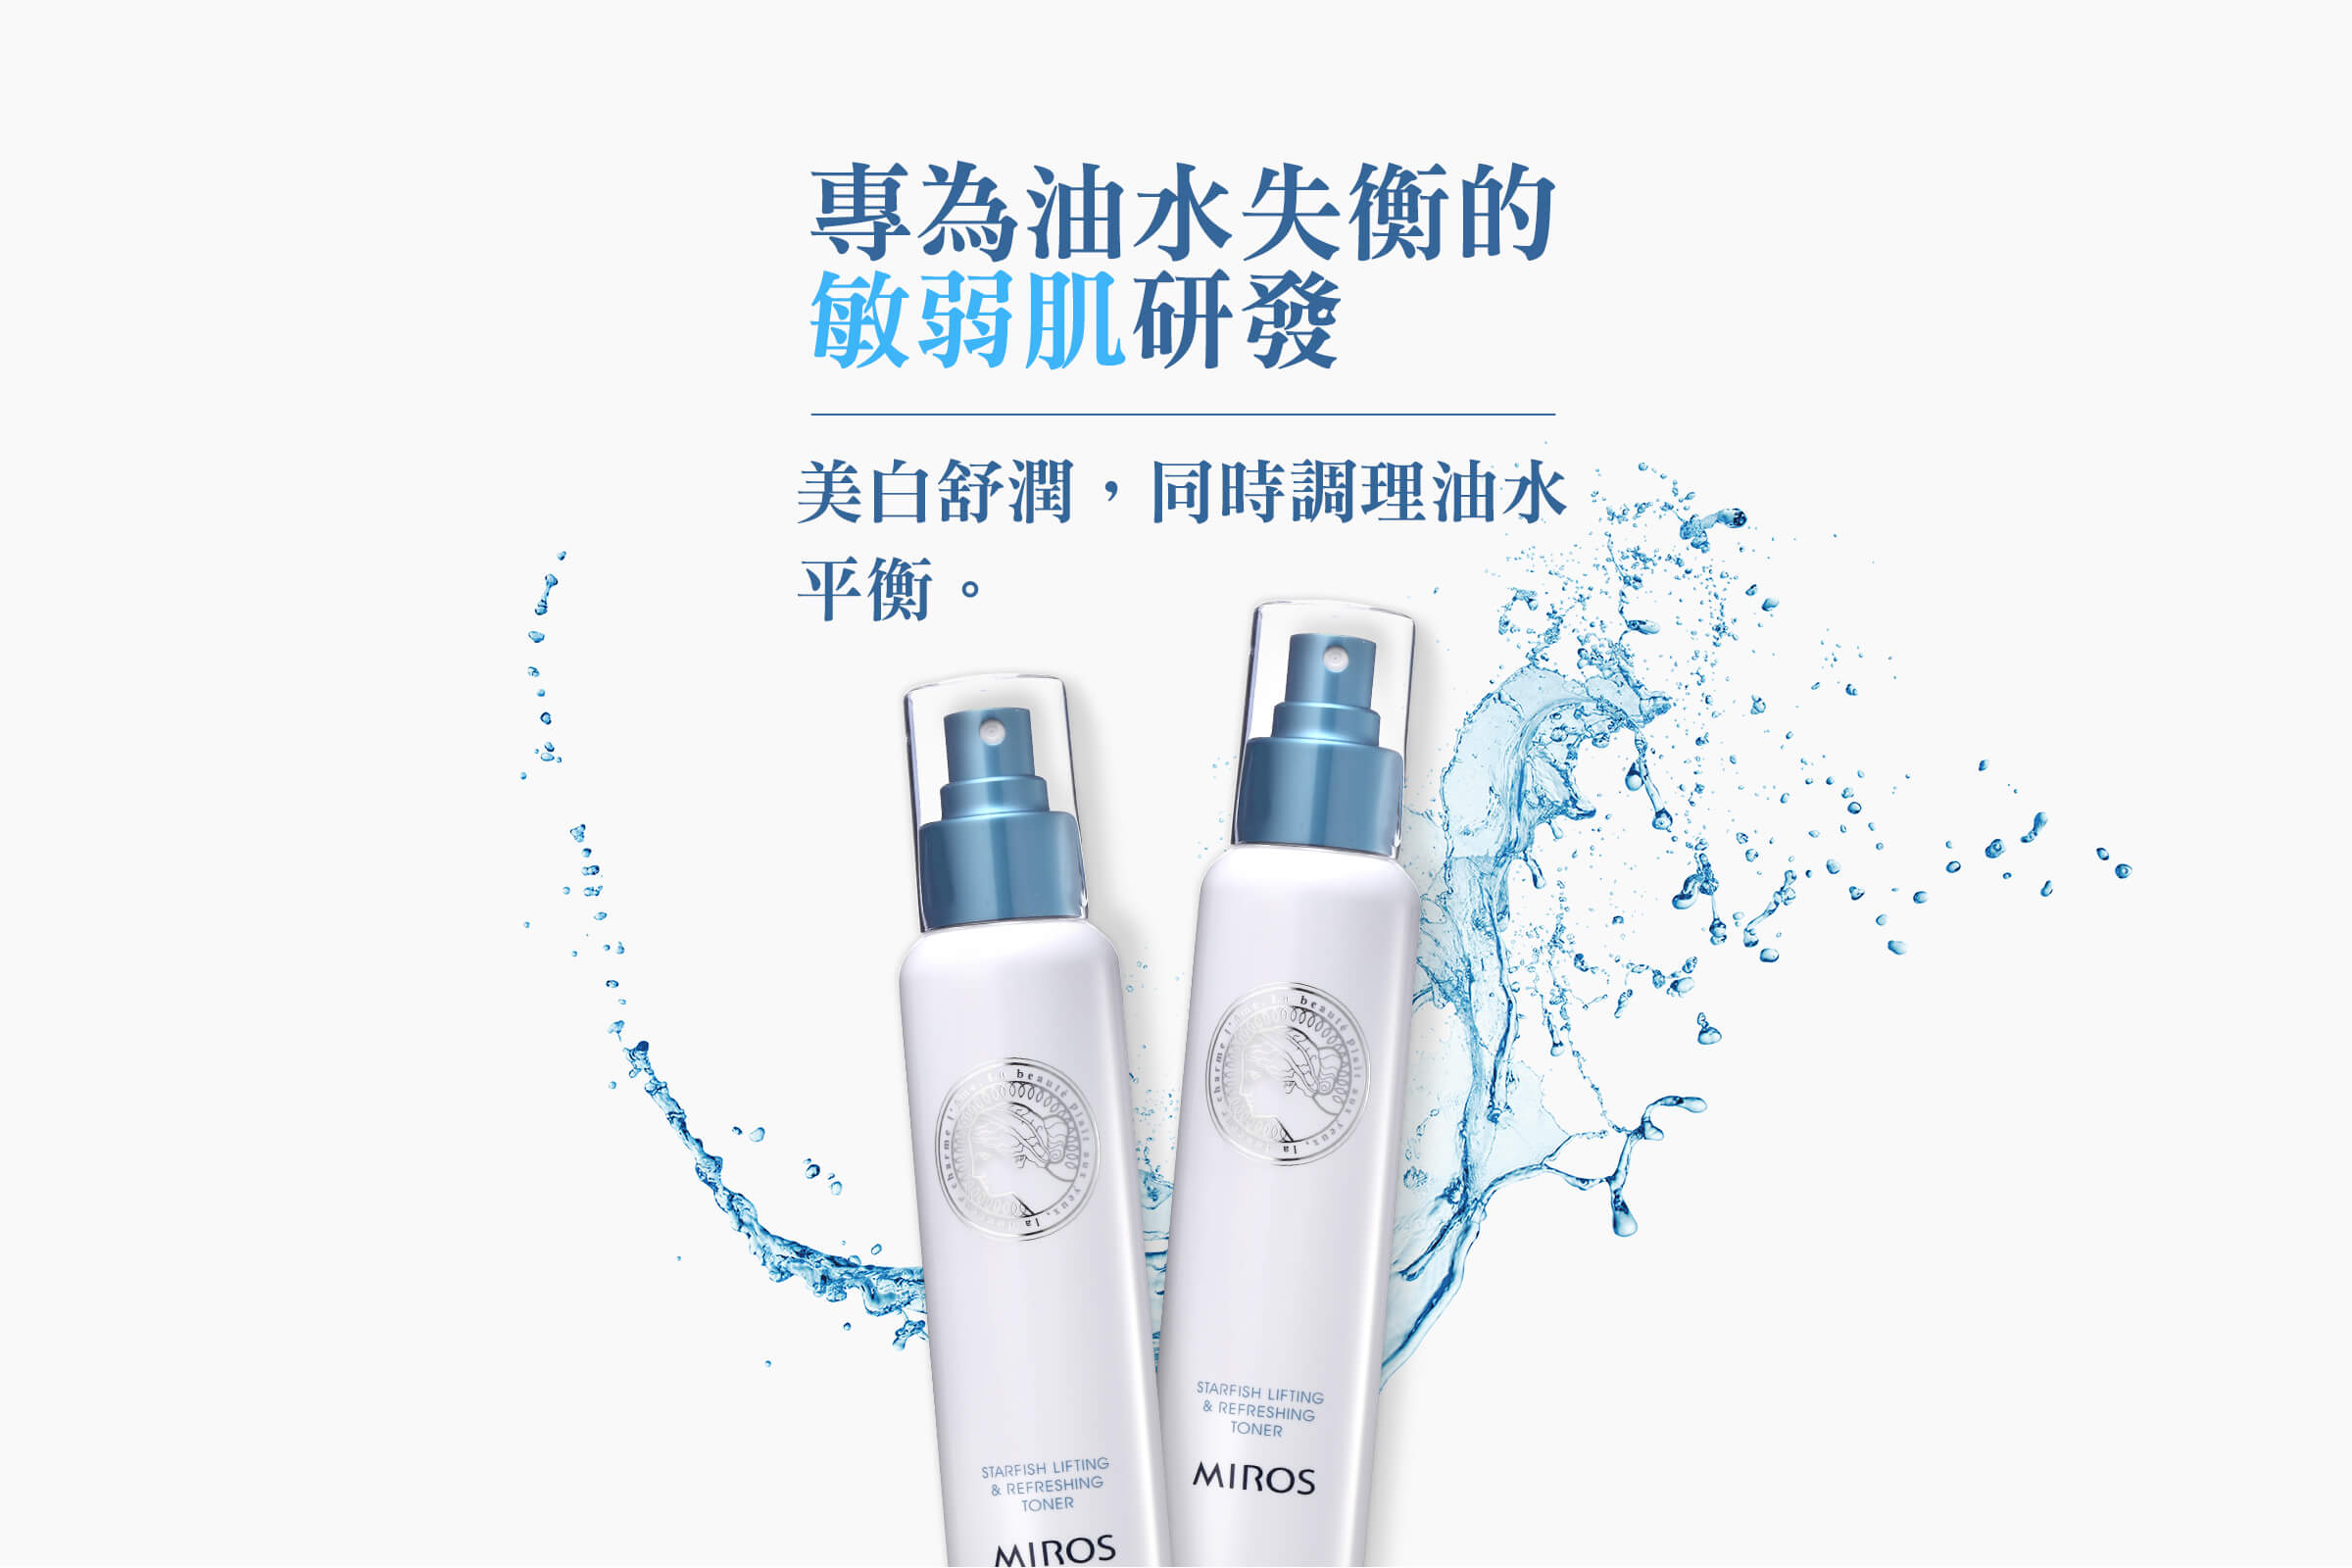 能迅速滲透⾼效補⽔,同時調理油⽔失衡導致的乾燥脫屑肌況,妝前妝後曬後術後均可使用。